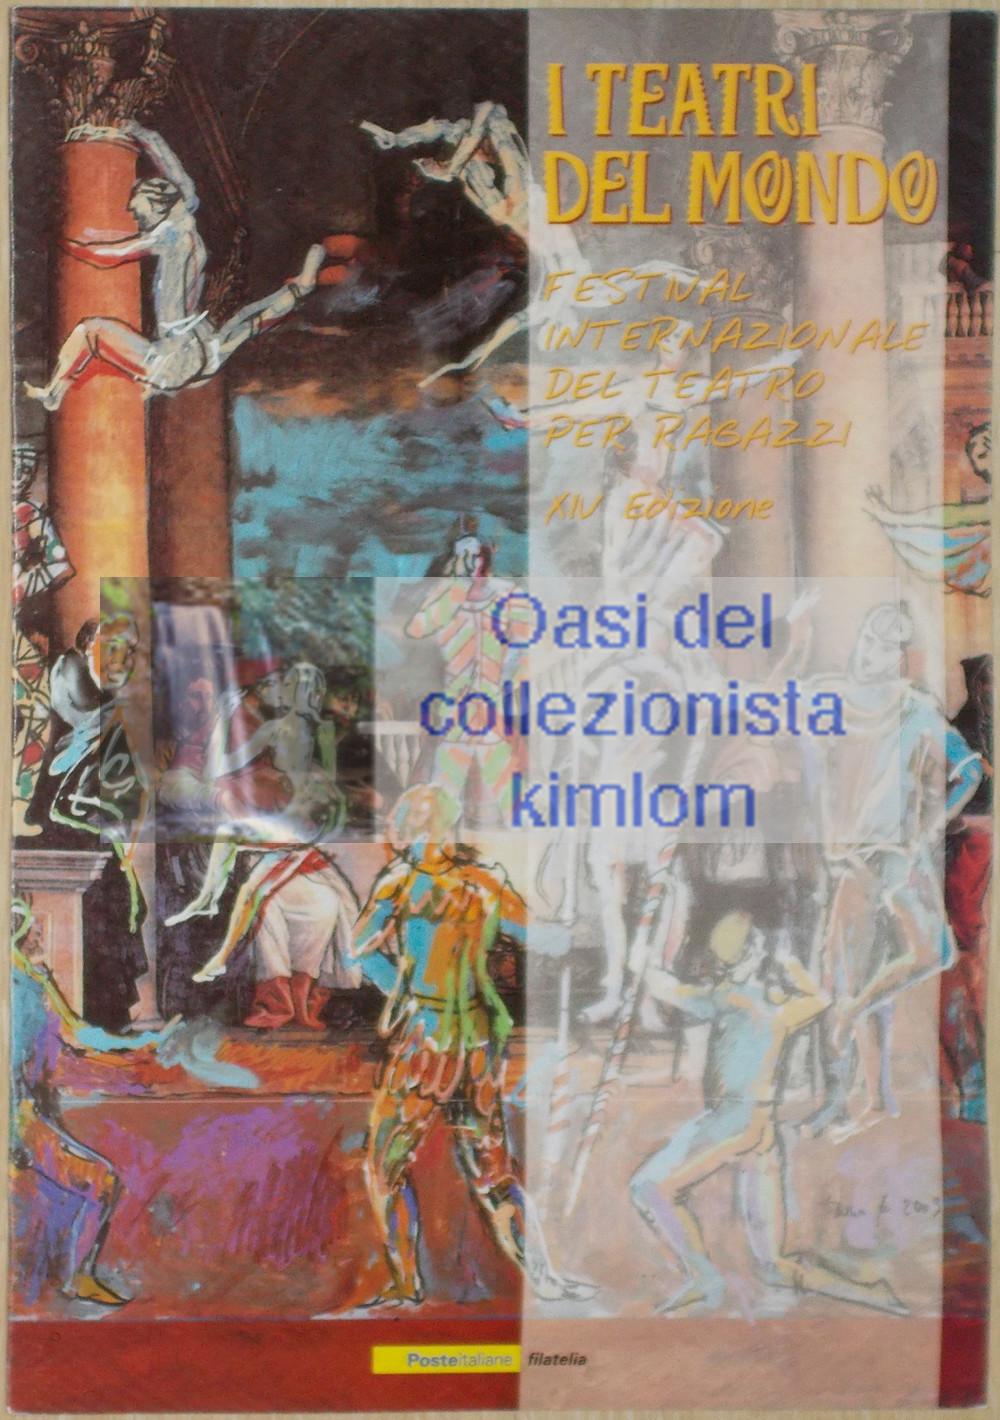 folder - I teatri del mondo - Festival internazionale del teatro per ragazzi XIV edizione